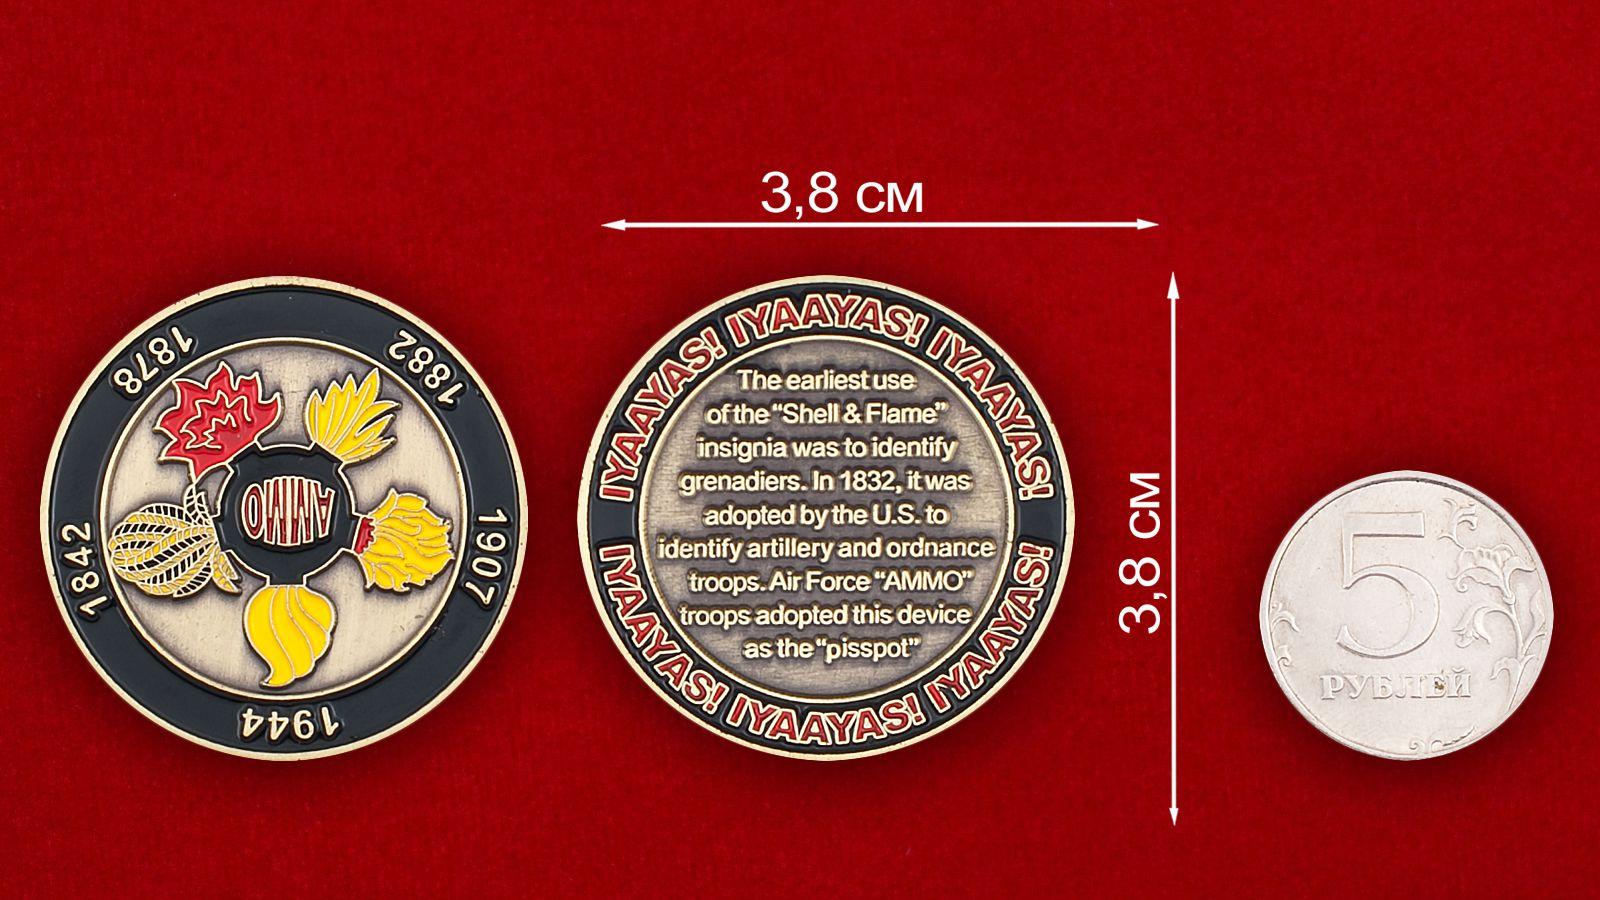 Челлендж коин Службы авиационного Вооружения ВВС США - сравнительный размер